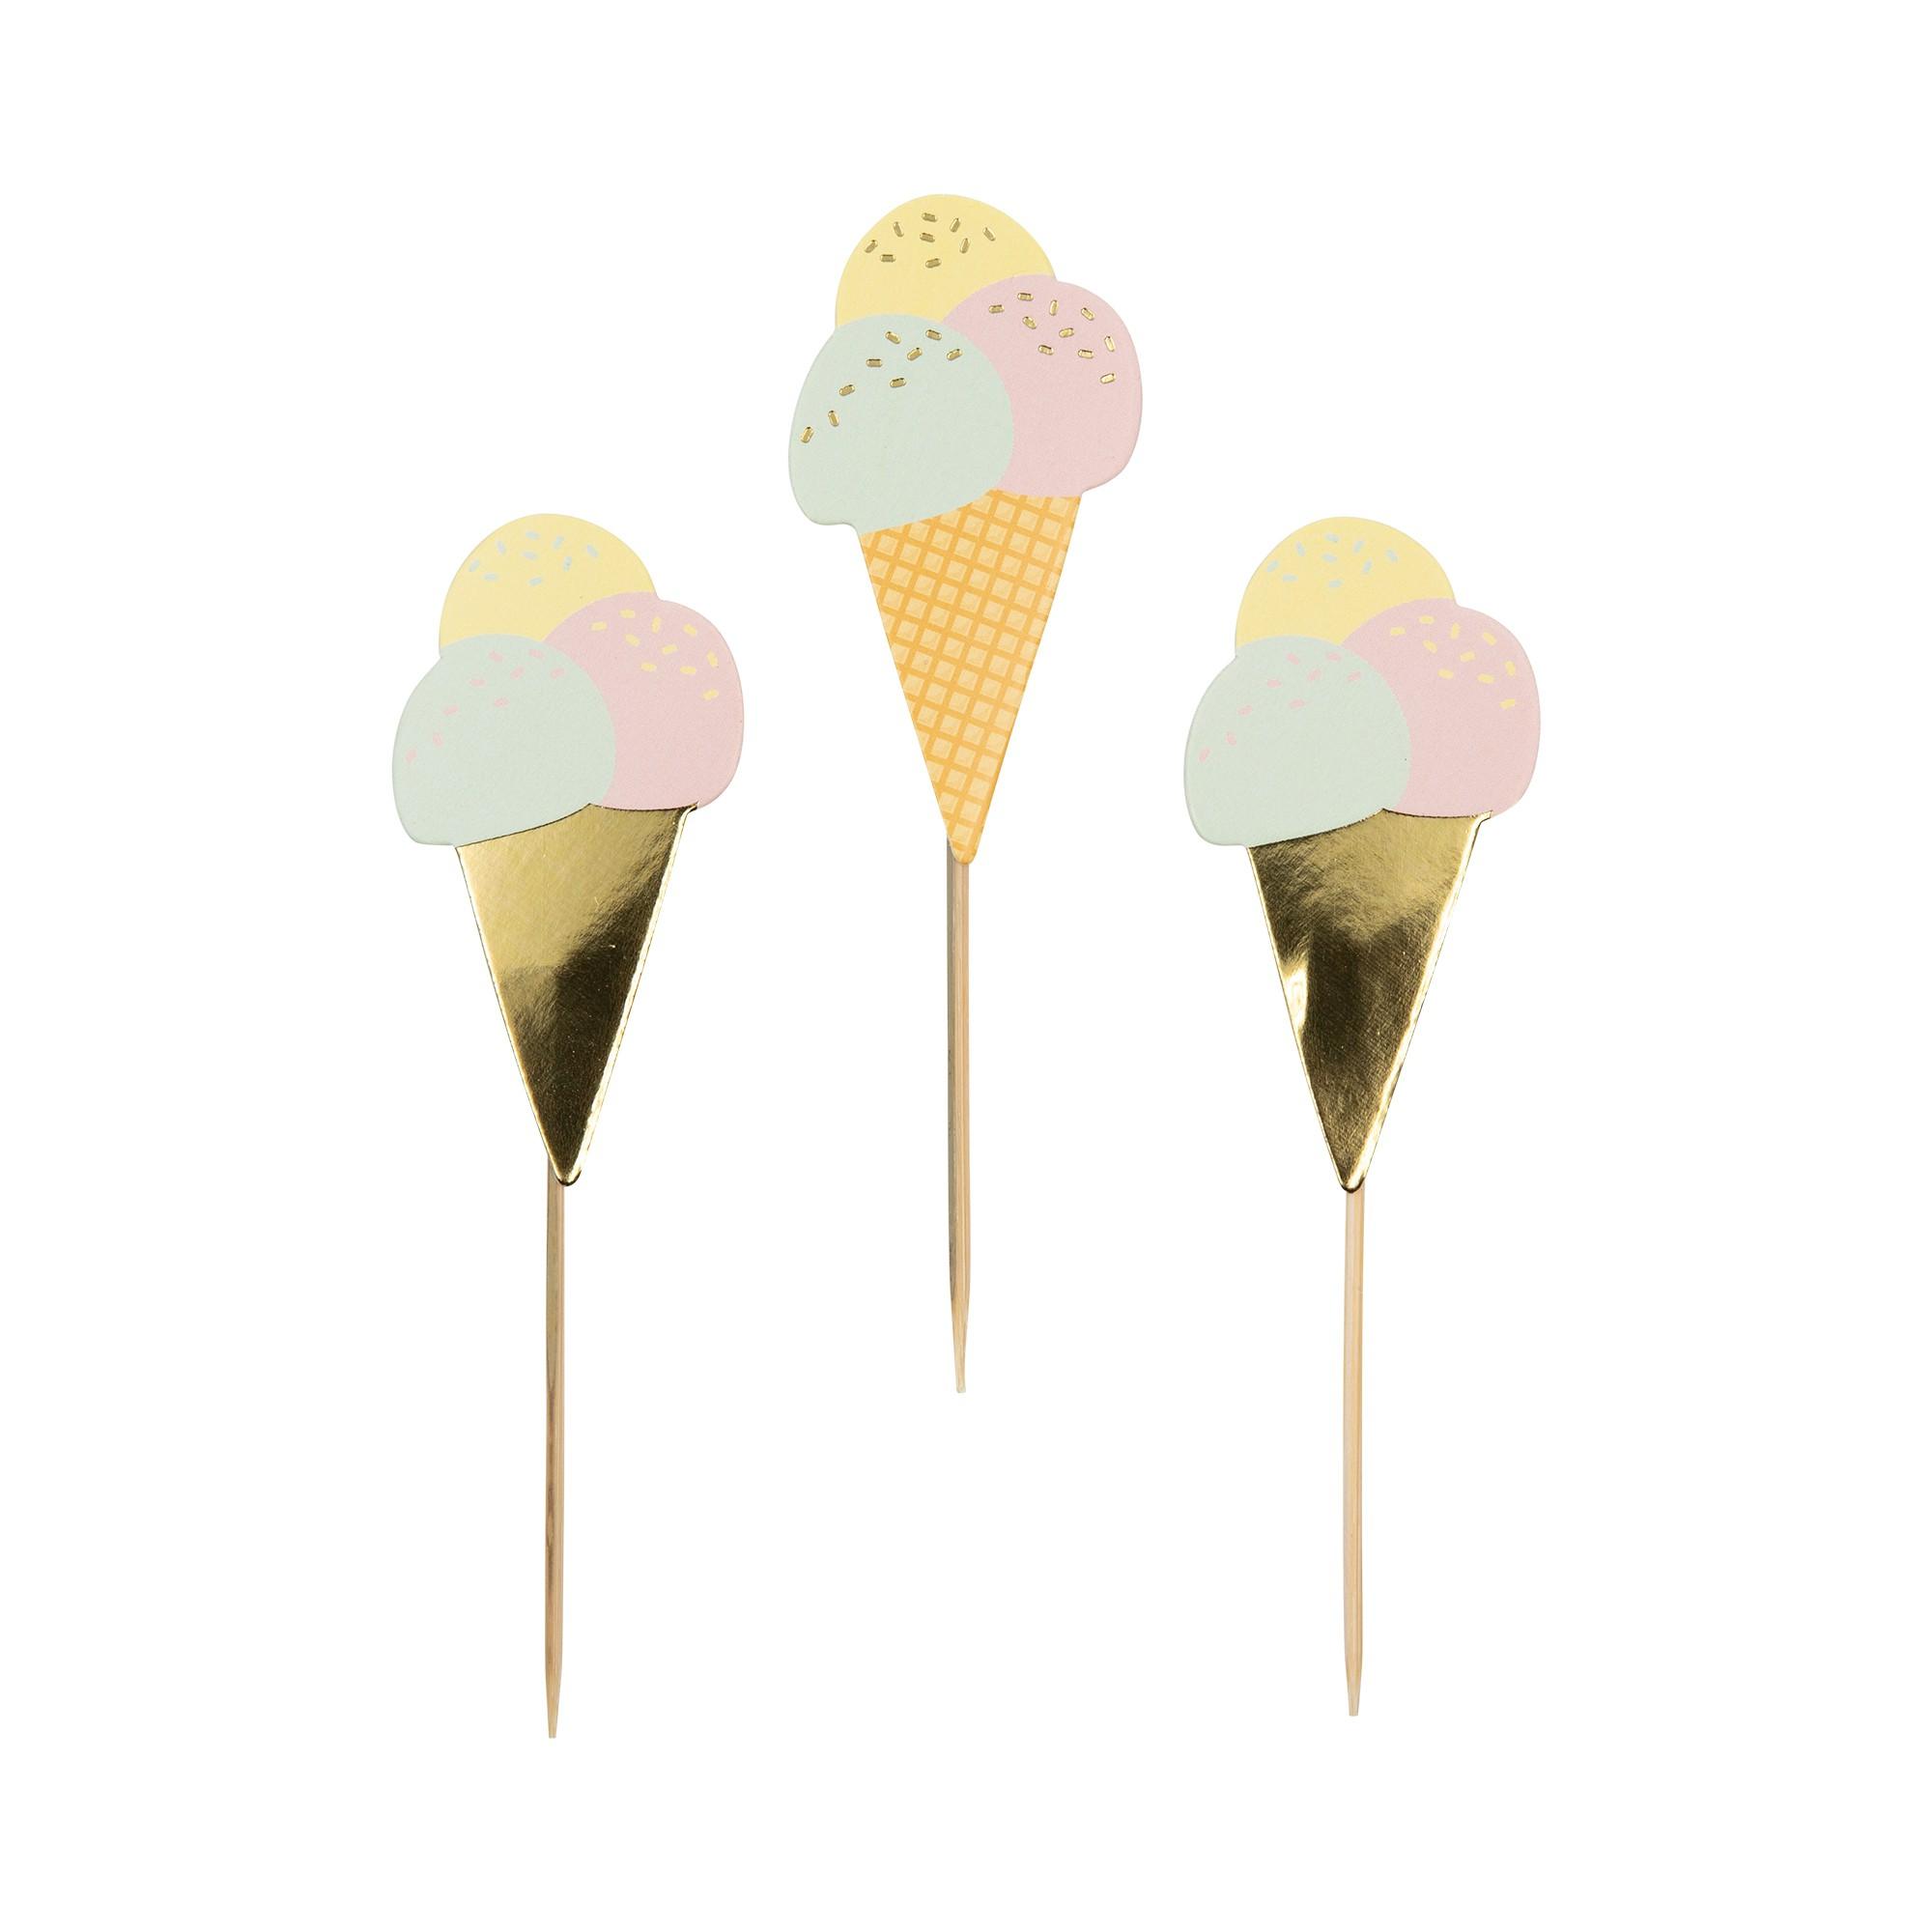 קישוט שולחן, קישוט קאפקייק, קיסם, קיסמים, קיסמי נייר עלים, קיסם, קיסמים, קיסם גלידה, גלידה, קיסמי נייר בצורת גלידה